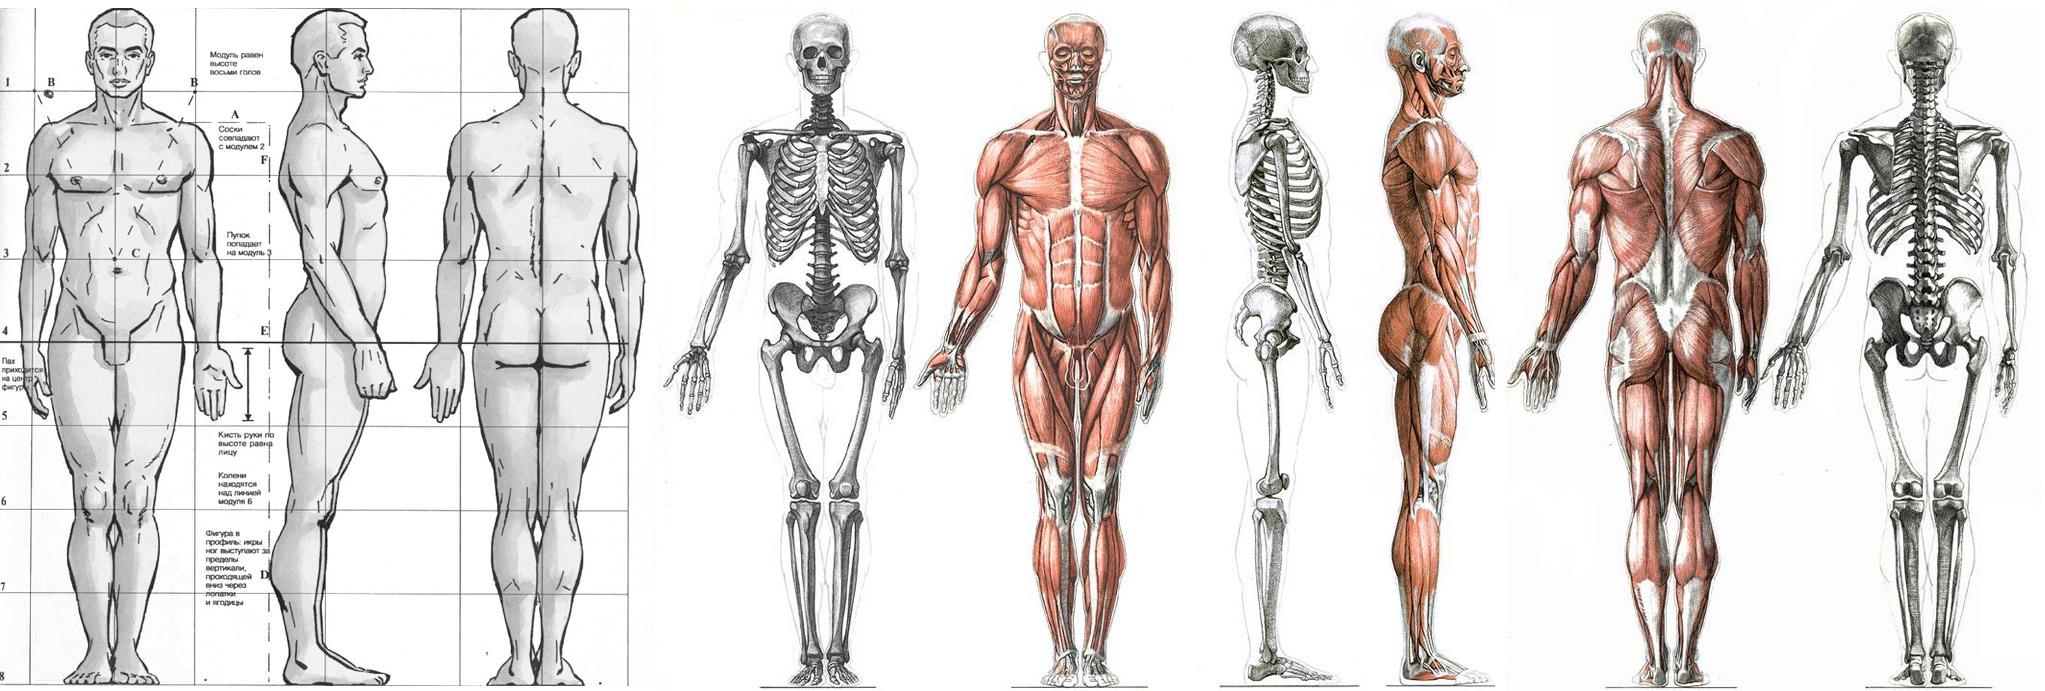 Aaa Anatomy Jobs 8941396 Togelmayafo